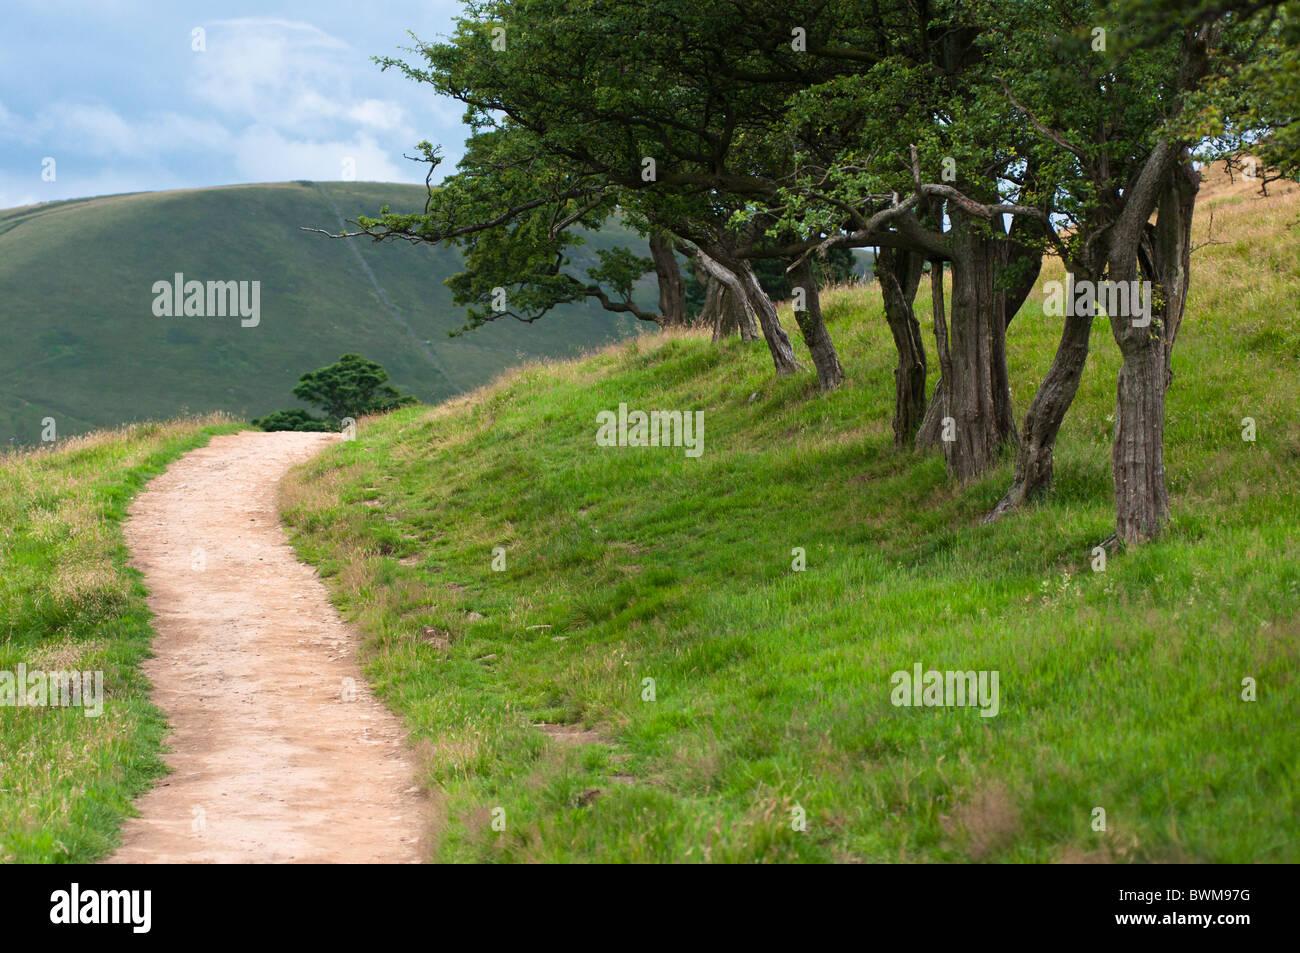 Le Pennine Way près du village de Edale, Derbyshire Dales, UK Photo Stock